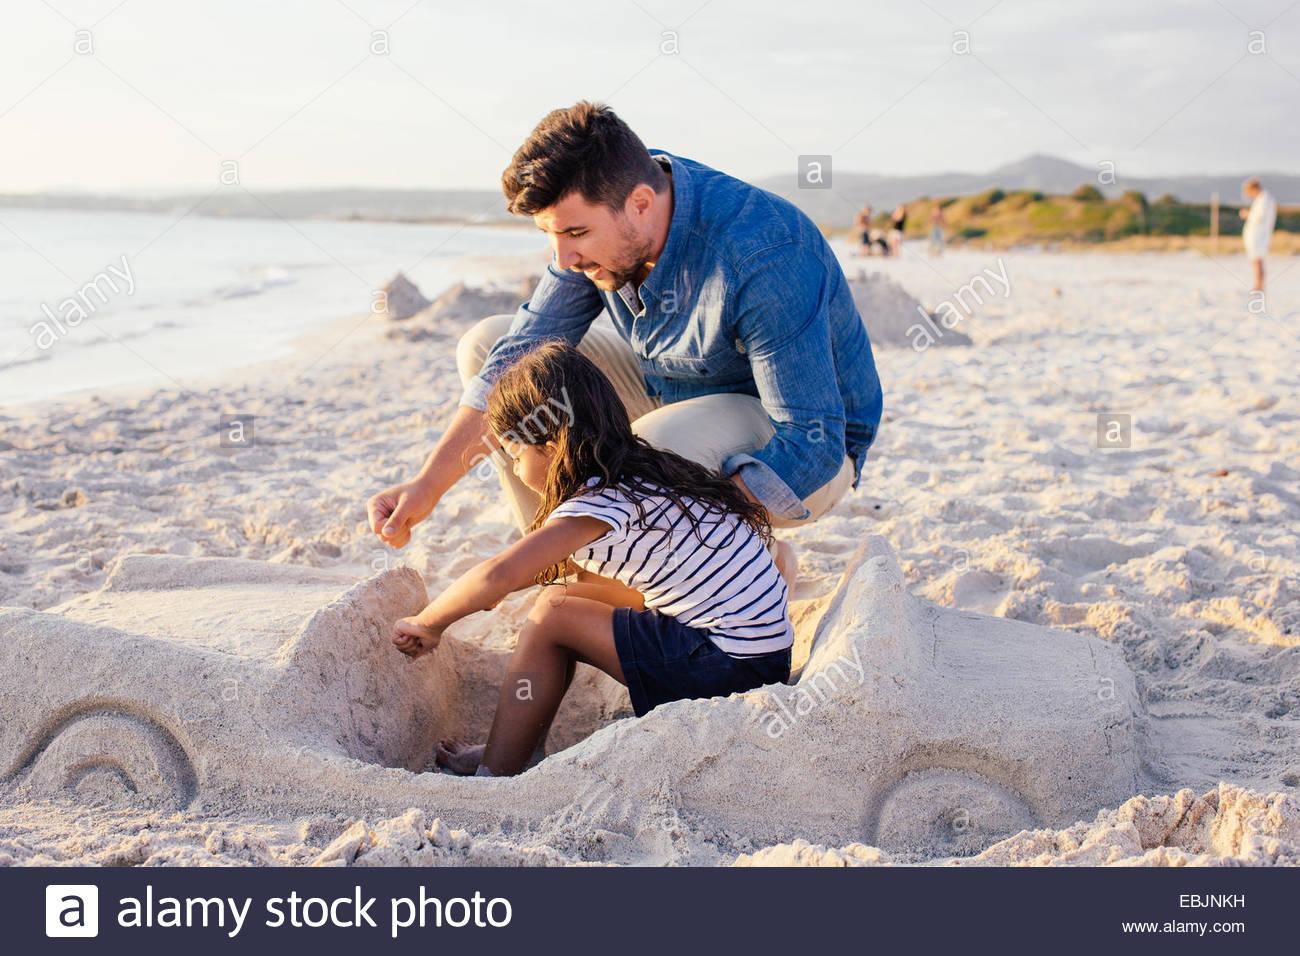 Mädchen und Vater mit anspruchsvollen Auto Sandburg am Strand, Toskana, Italien Stockbild